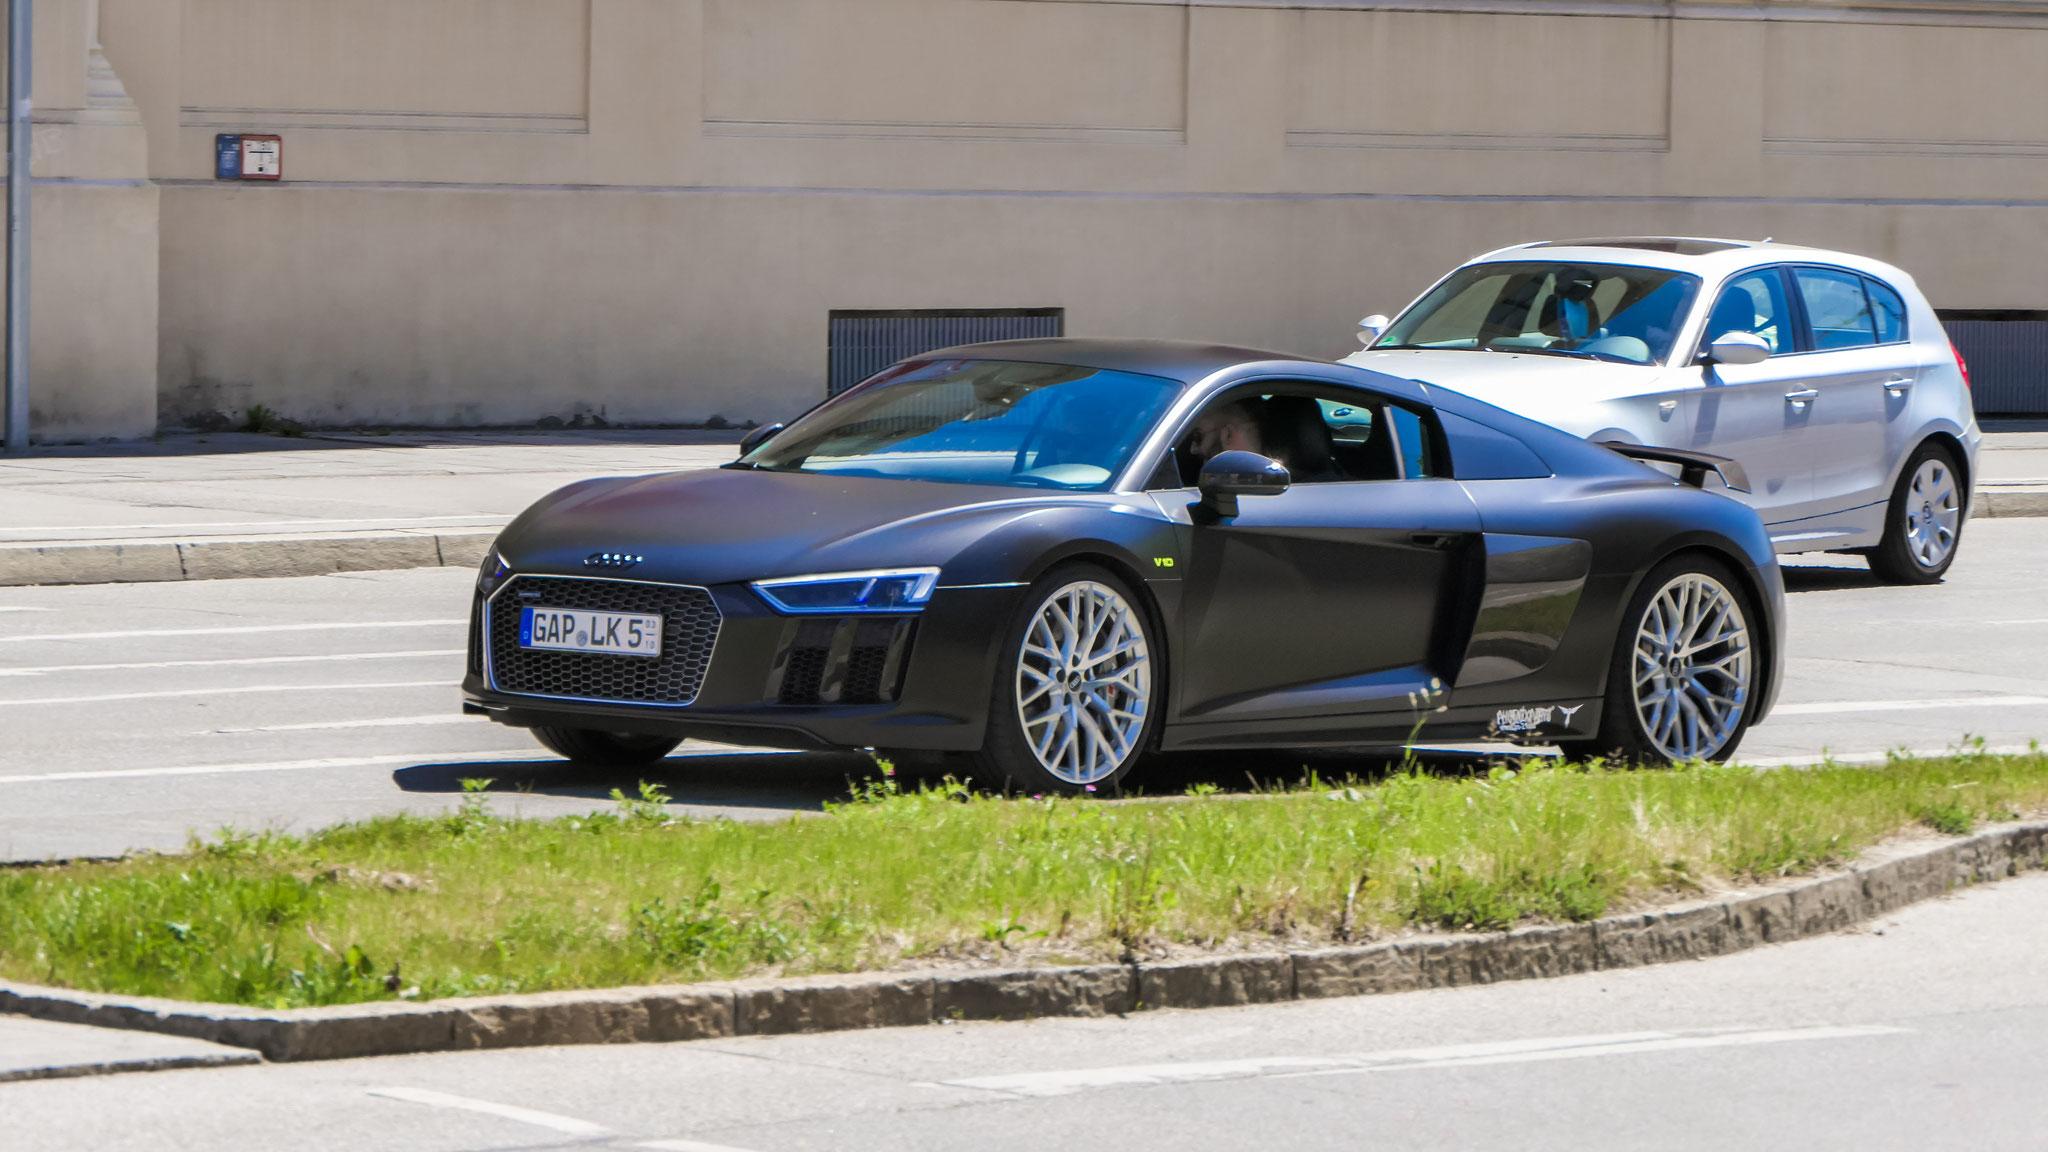 Audi R8 V10 - GAP-LK-5